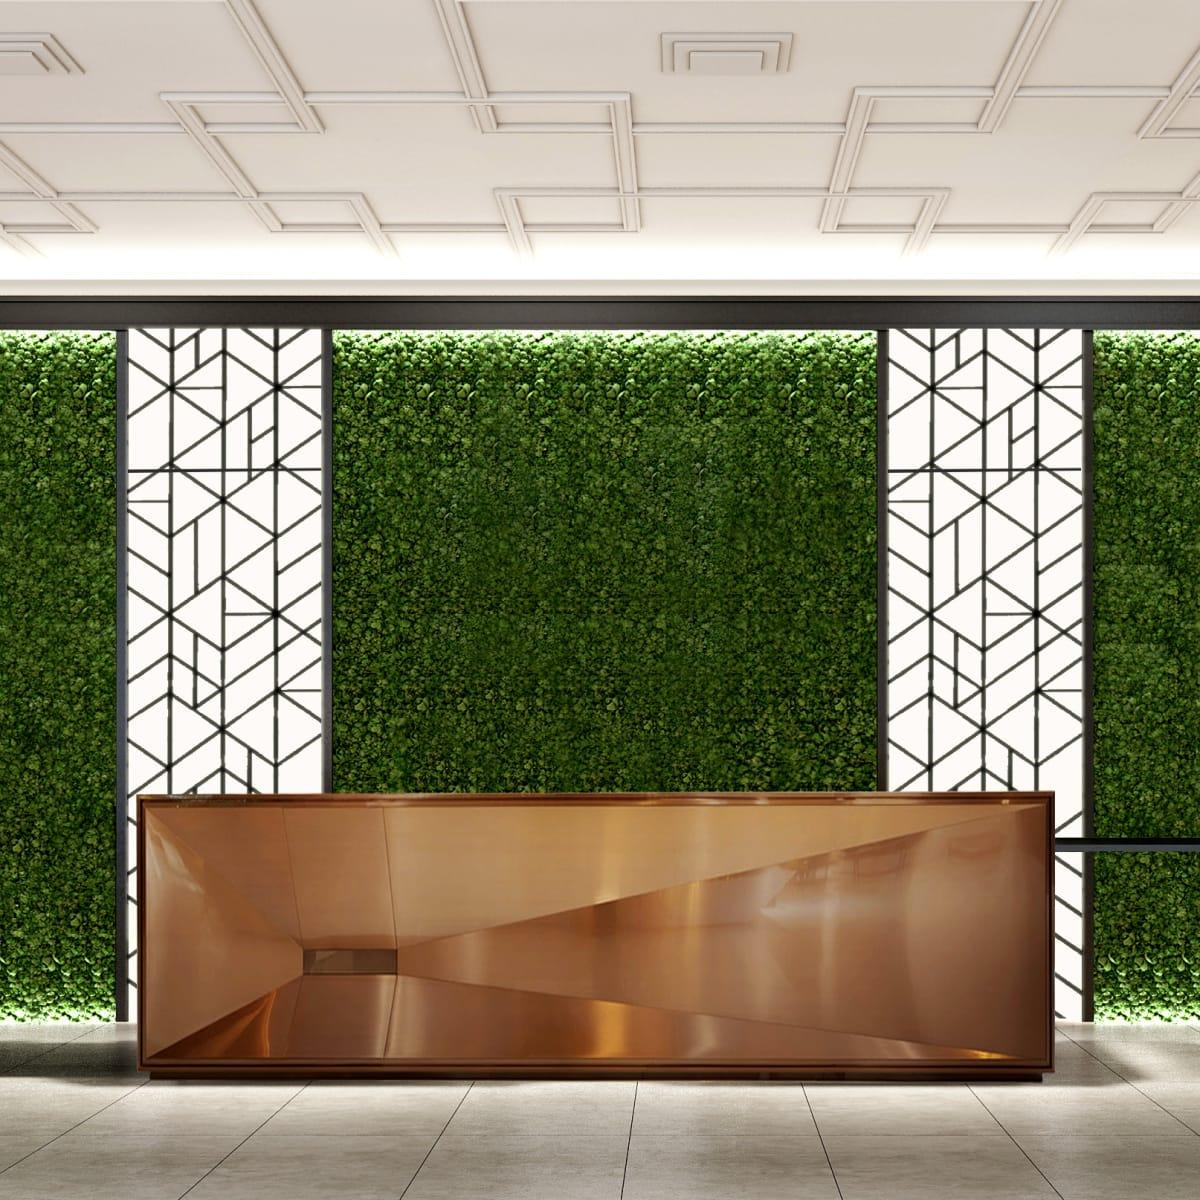 Omni Houston new lobby